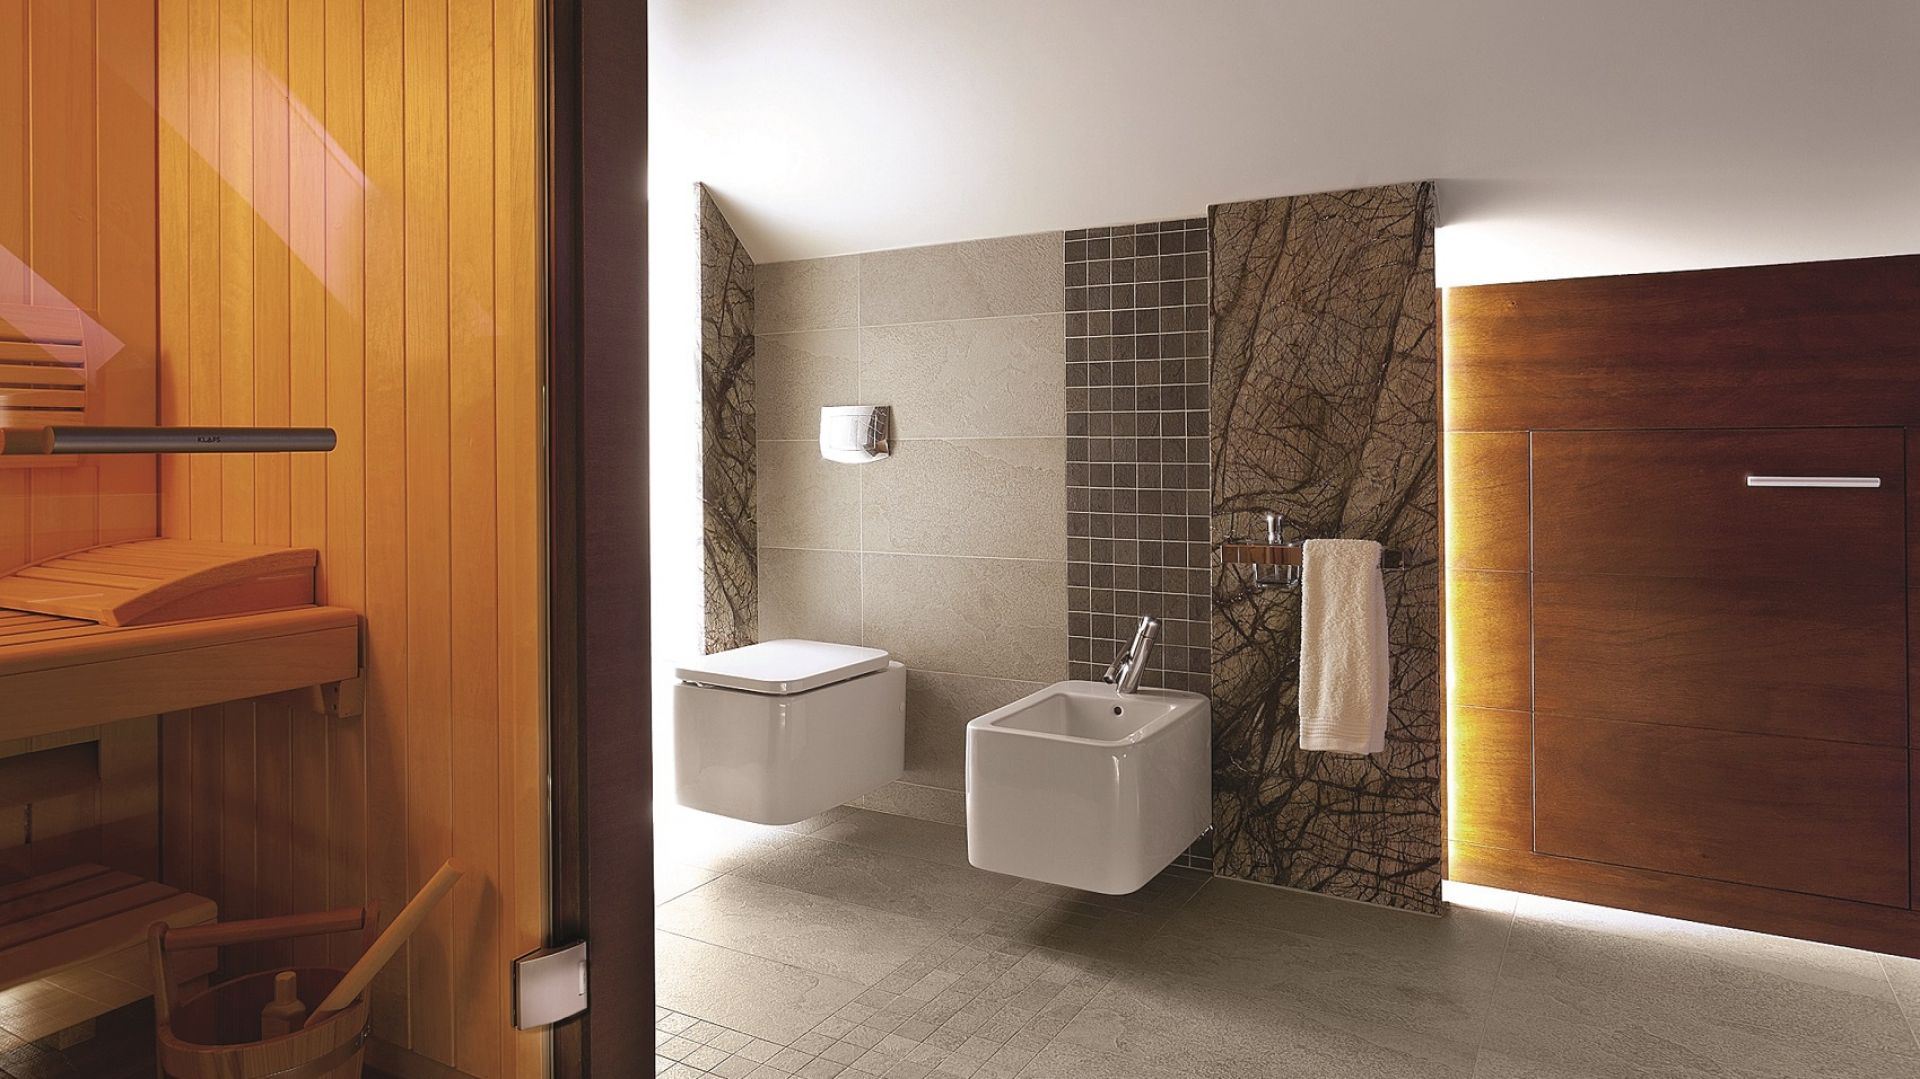 Żyłowania kamienia przypominają bezlistne korony drzew. Oryginalną kolorystykę marmuru Forest Brown z katalogu firmy RR Granity eksponuje zestawienie z drewnem. Fot. RR Granity